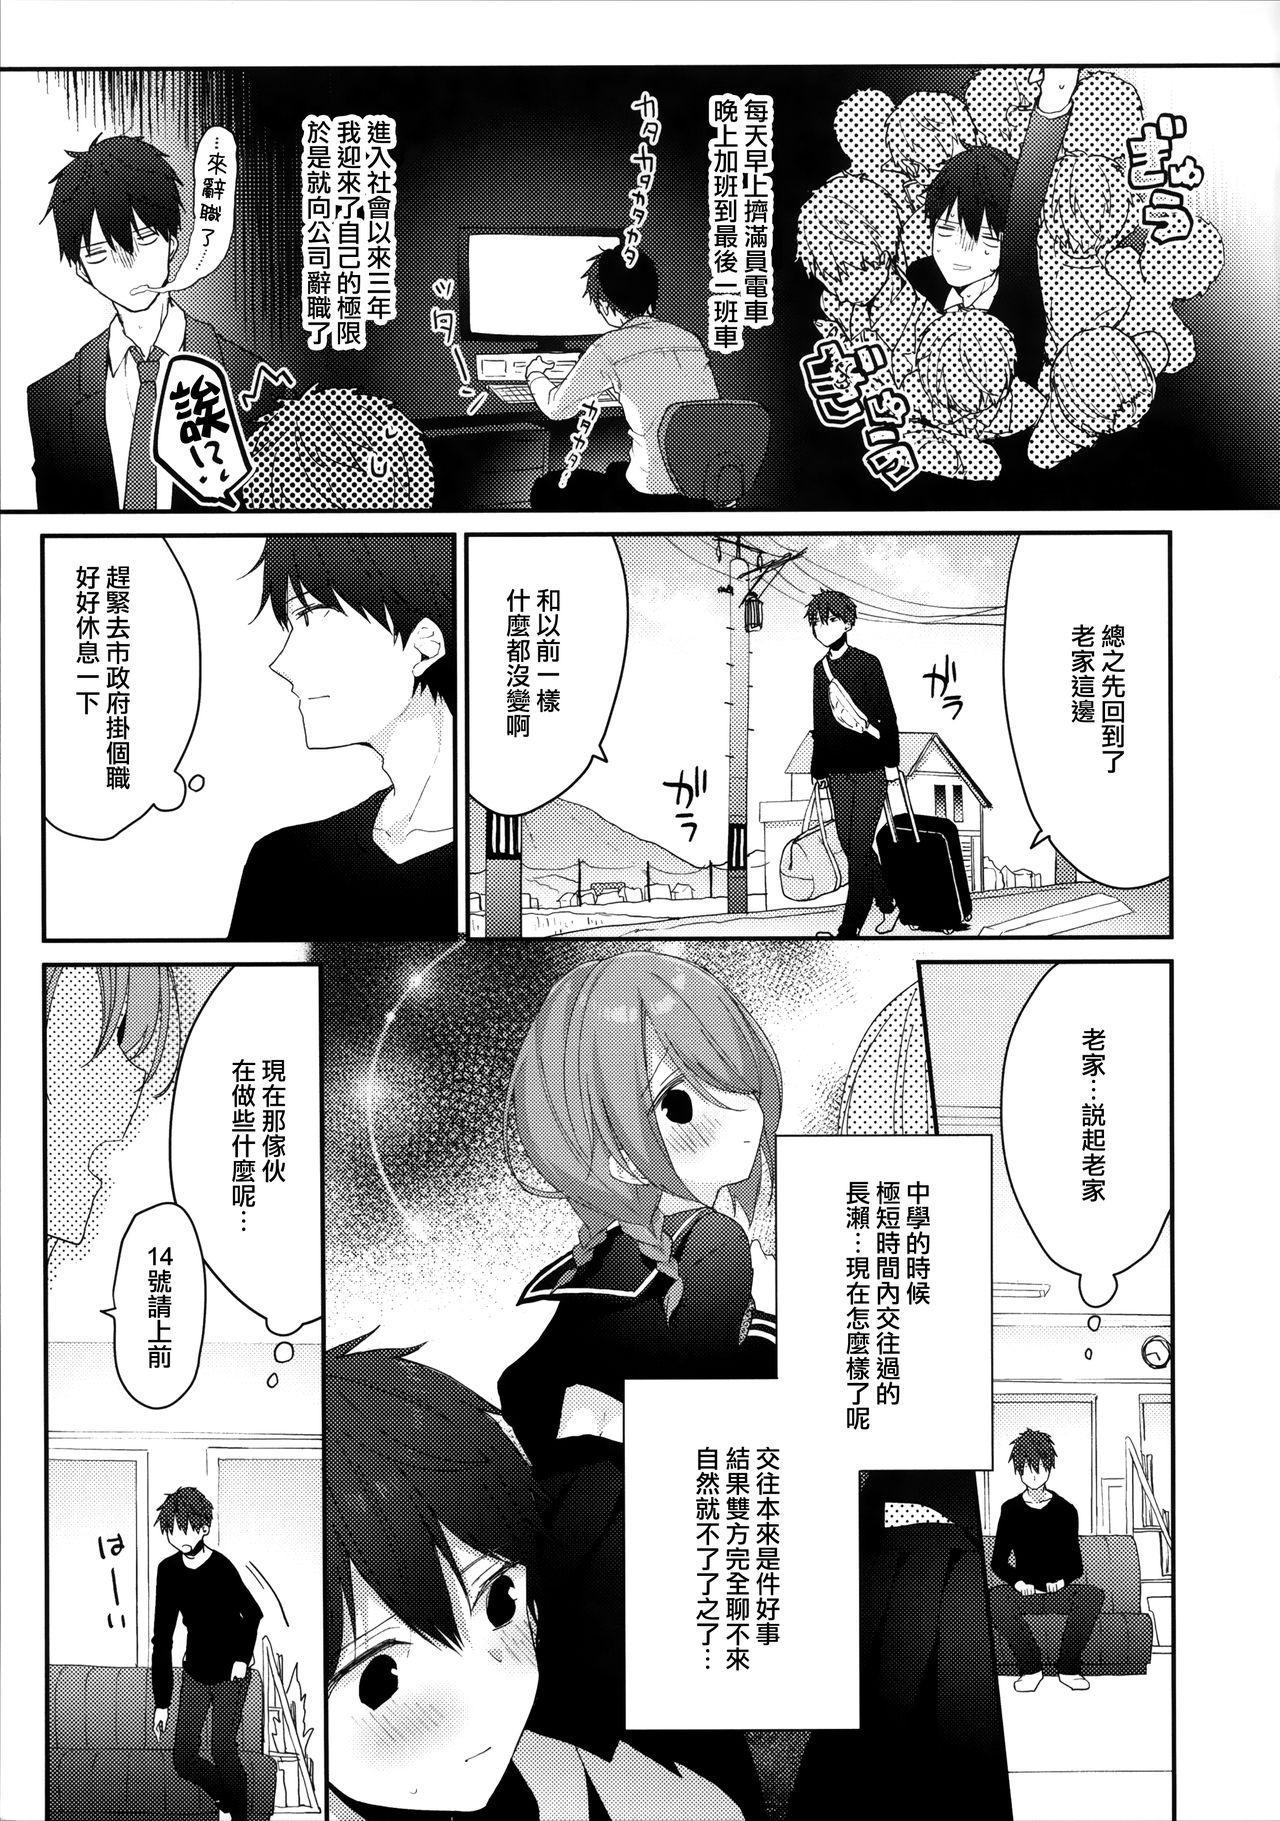 Otonshikatta Motokano ga Ecchi ni Sekkyokuteki sugiru. 4